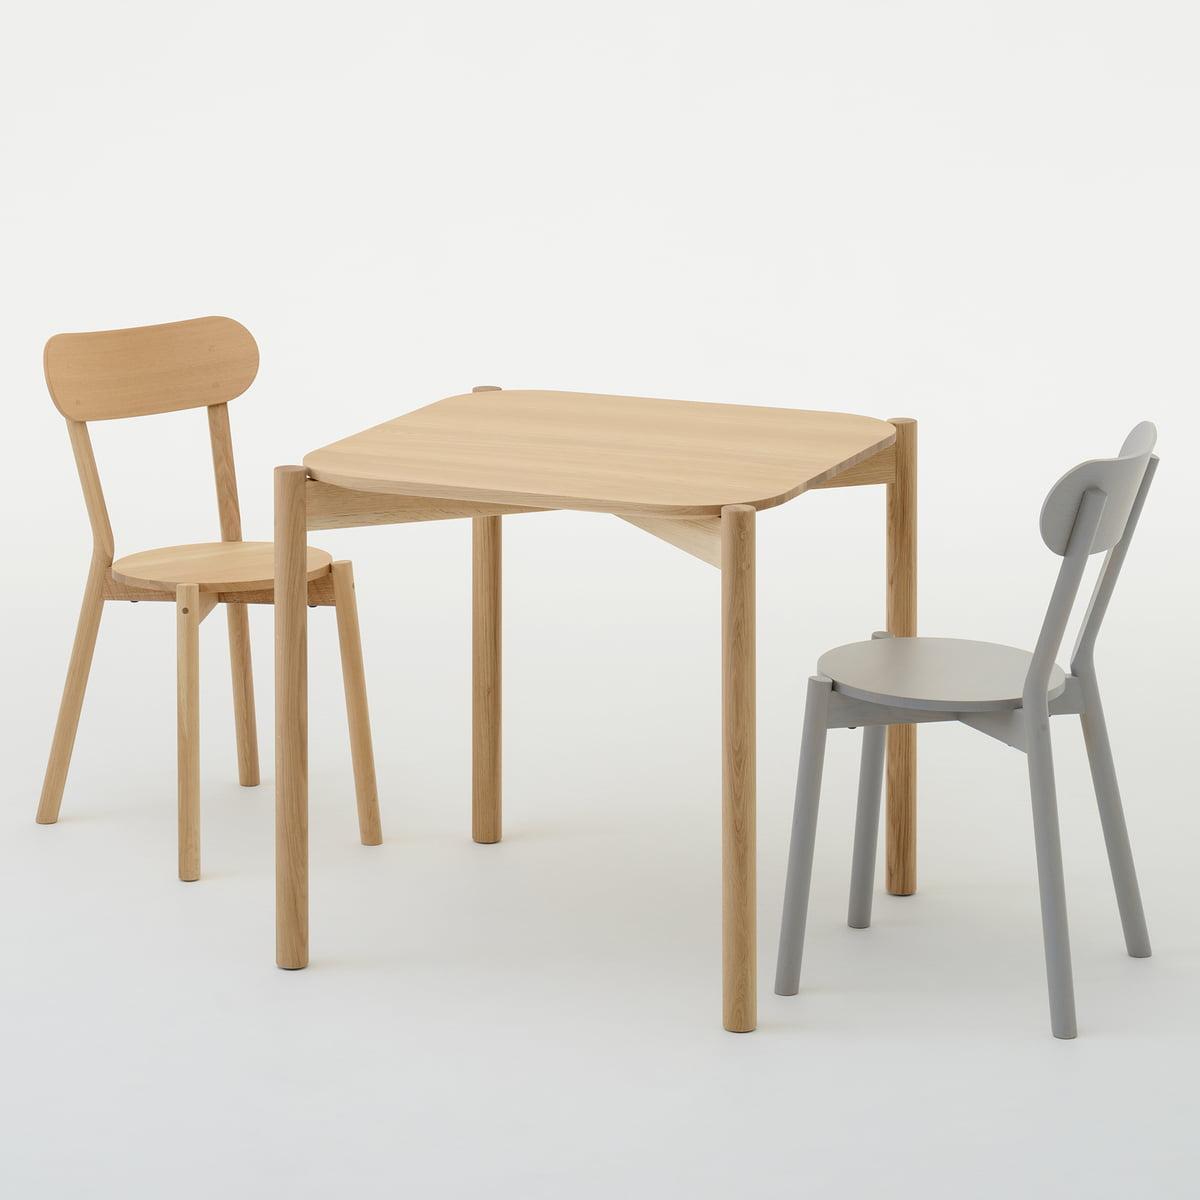 Karimoku new standard castor table castor chair